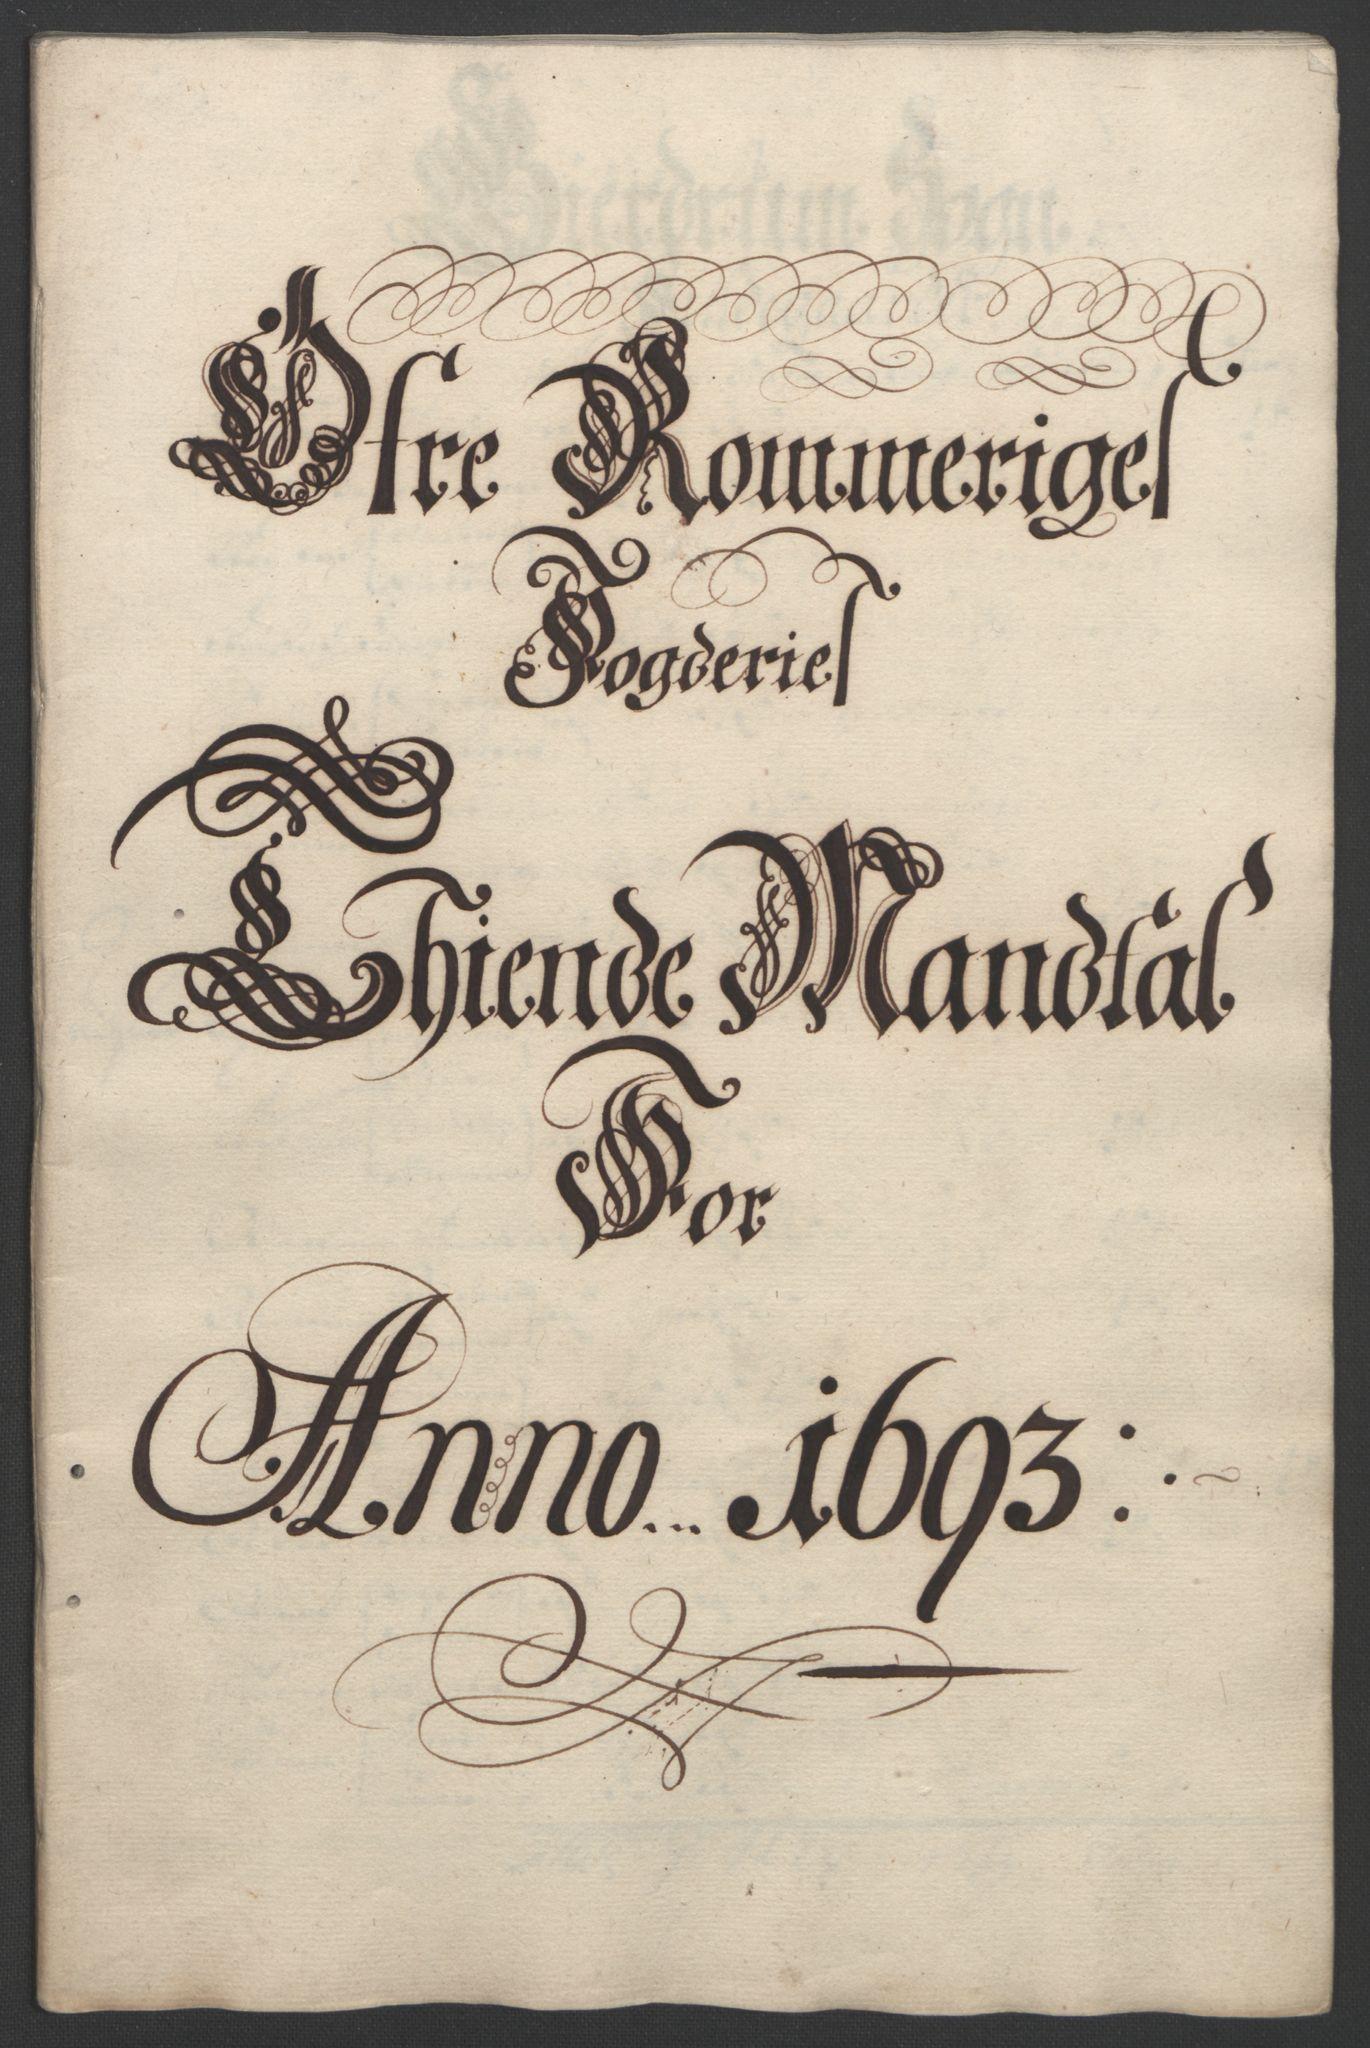 RA, Rentekammeret inntil 1814, Reviderte regnskaper, Fogderegnskap, R12/L0705: Fogderegnskap Øvre Romerike, 1693, s. 40